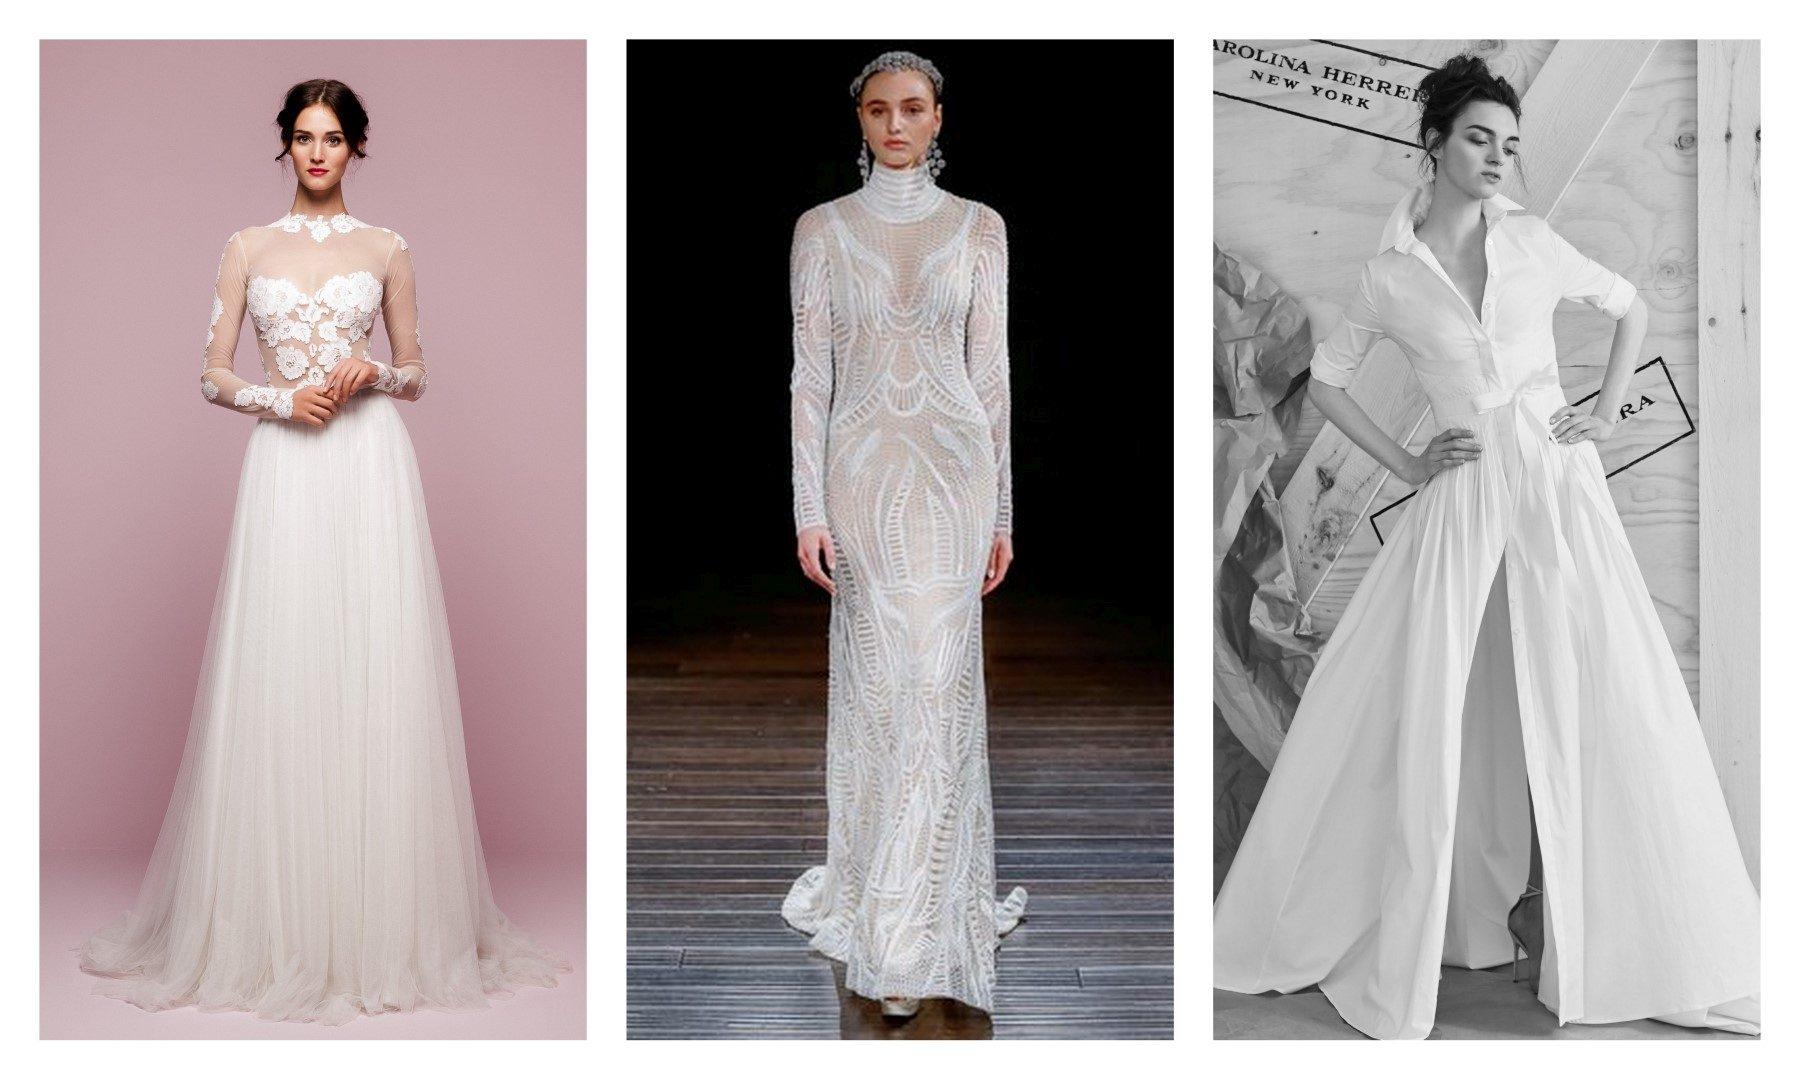 8b306a8684 Ilyen lesz az esküvői ruha 2017-ben – A képeken látható esküvői ruhamárkák  listája balról jobbra haladva: Lela Rose, Vera Wang, Angel Sanchez, Daalarna  ...